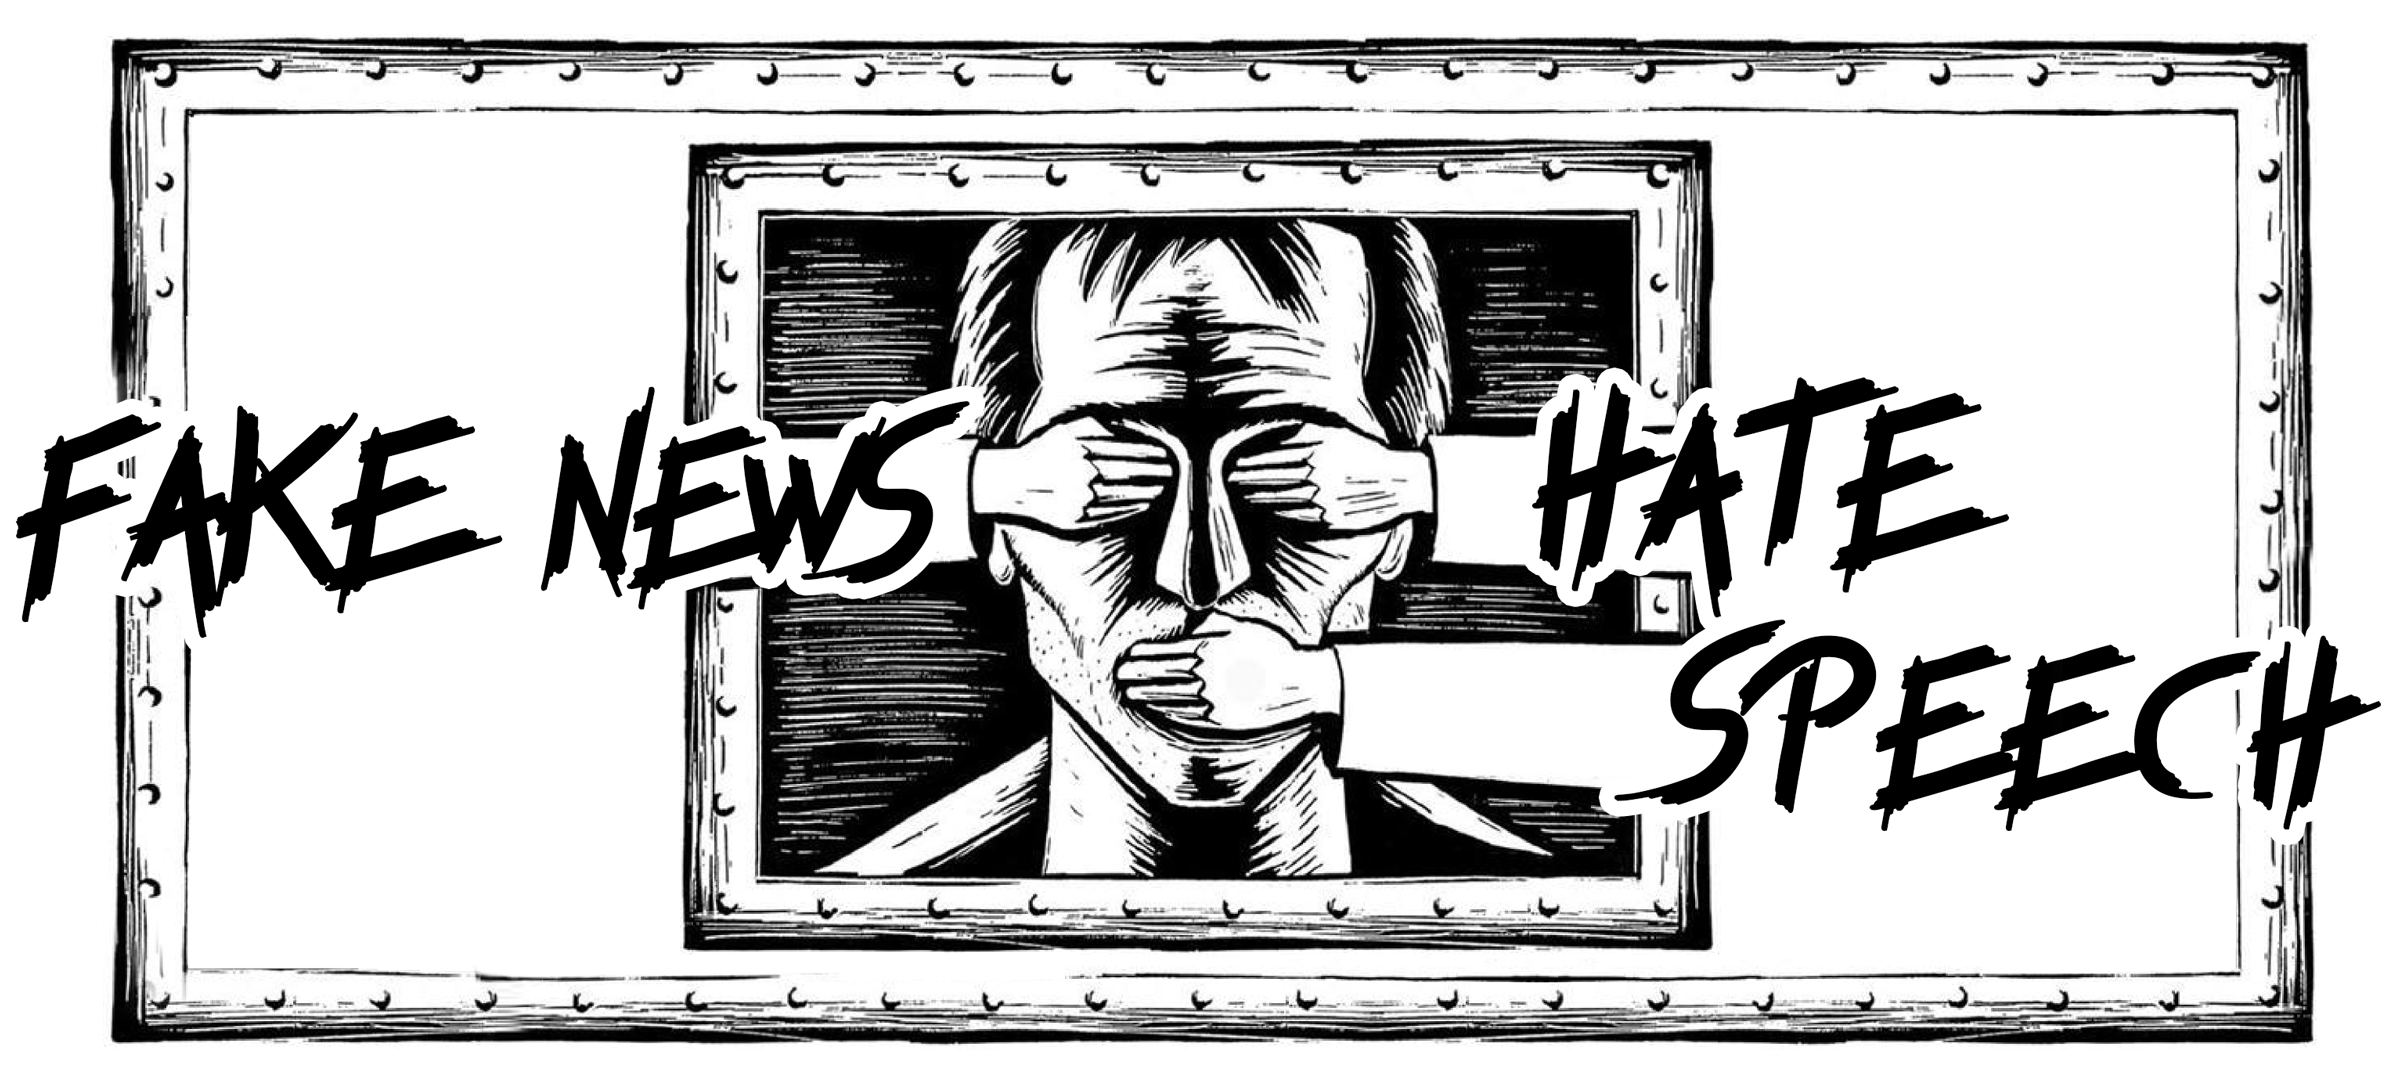 """Im Kampf gegen """"Fake News"""" wird das Internet zum Target staatlicher Zensur <br>  <span id='sec-title'>Brasilien, Frankreich, China sind erst der Anfang</span>"""